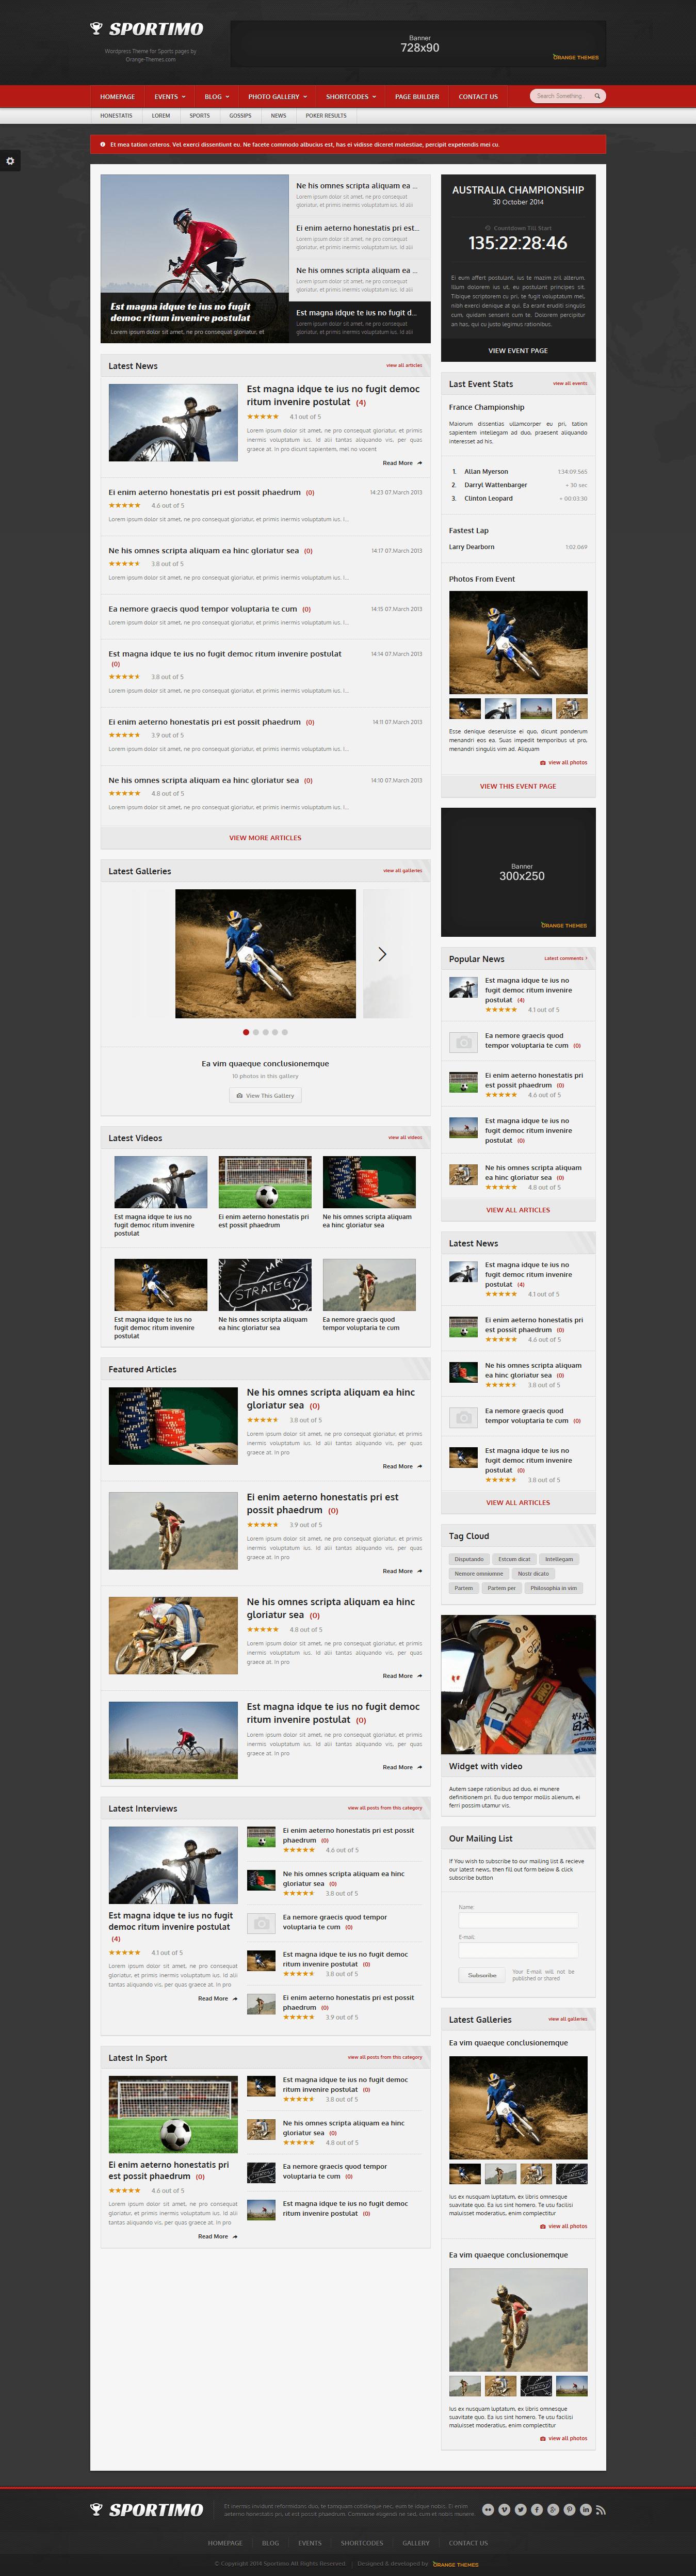 temas-wordpress-eventos-deportivos3